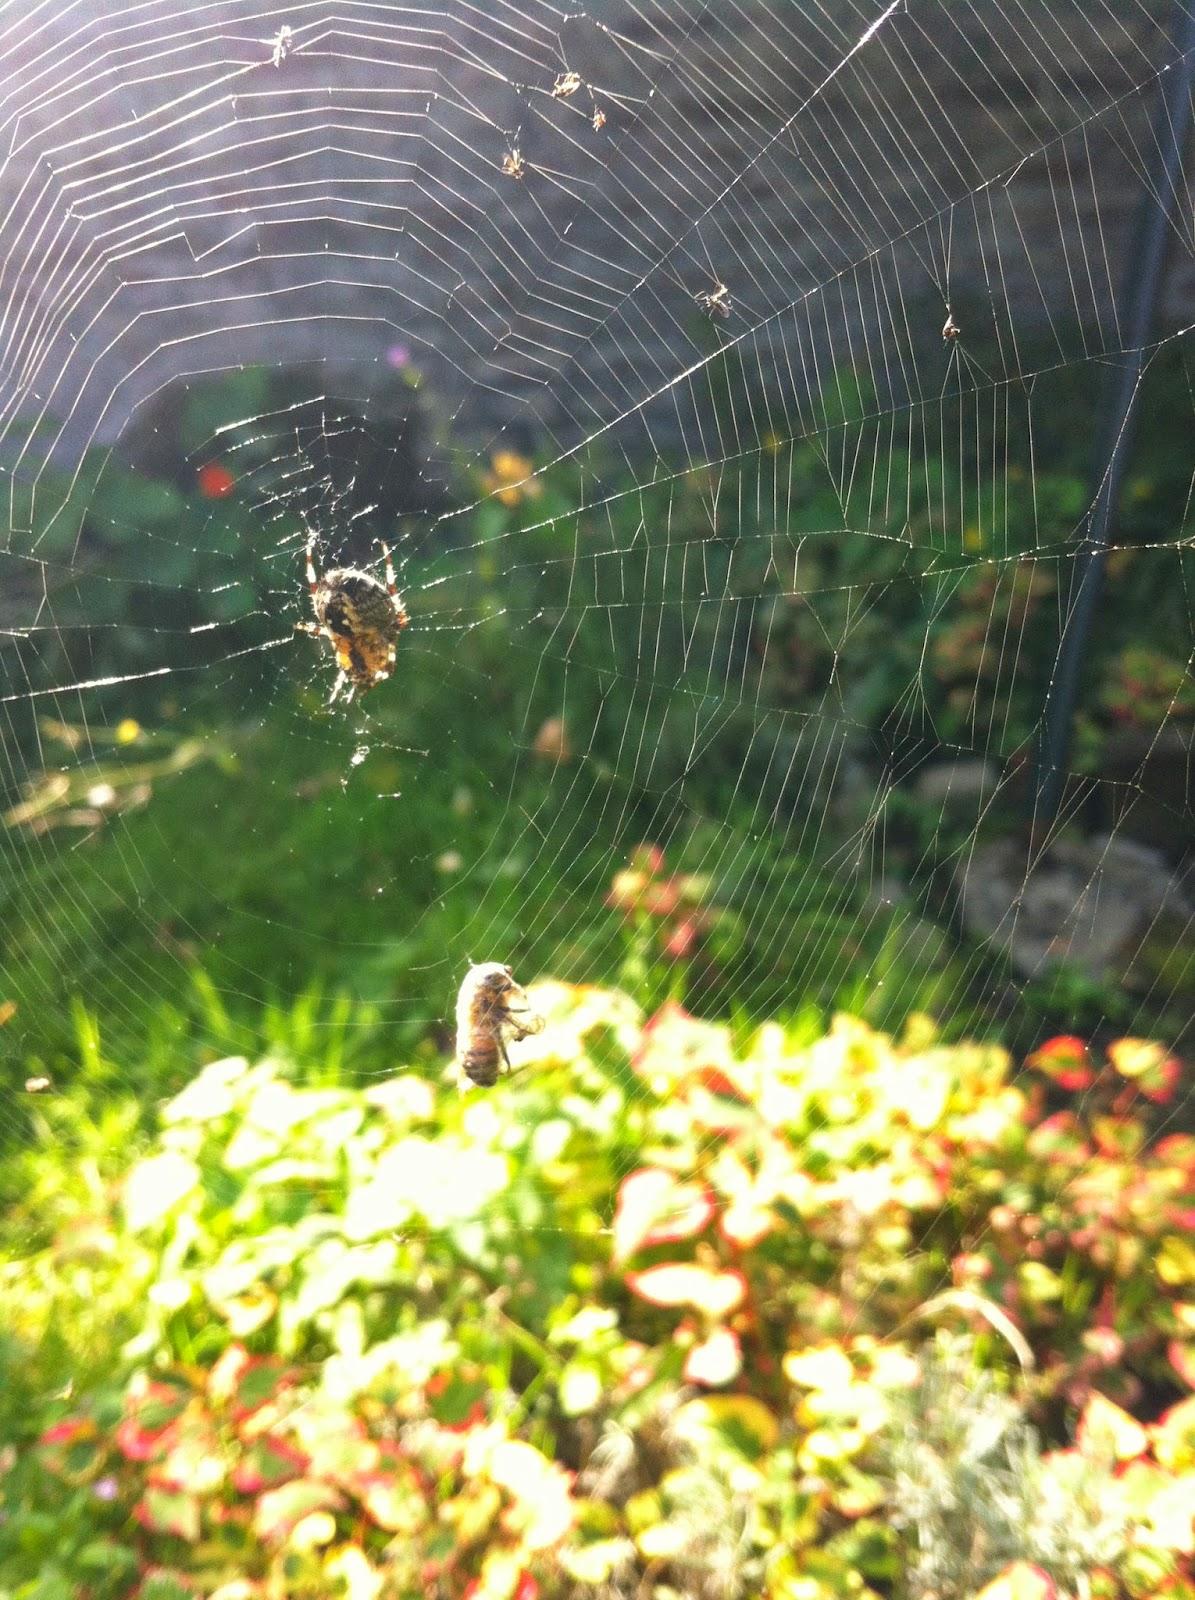 svart enke edderkopp